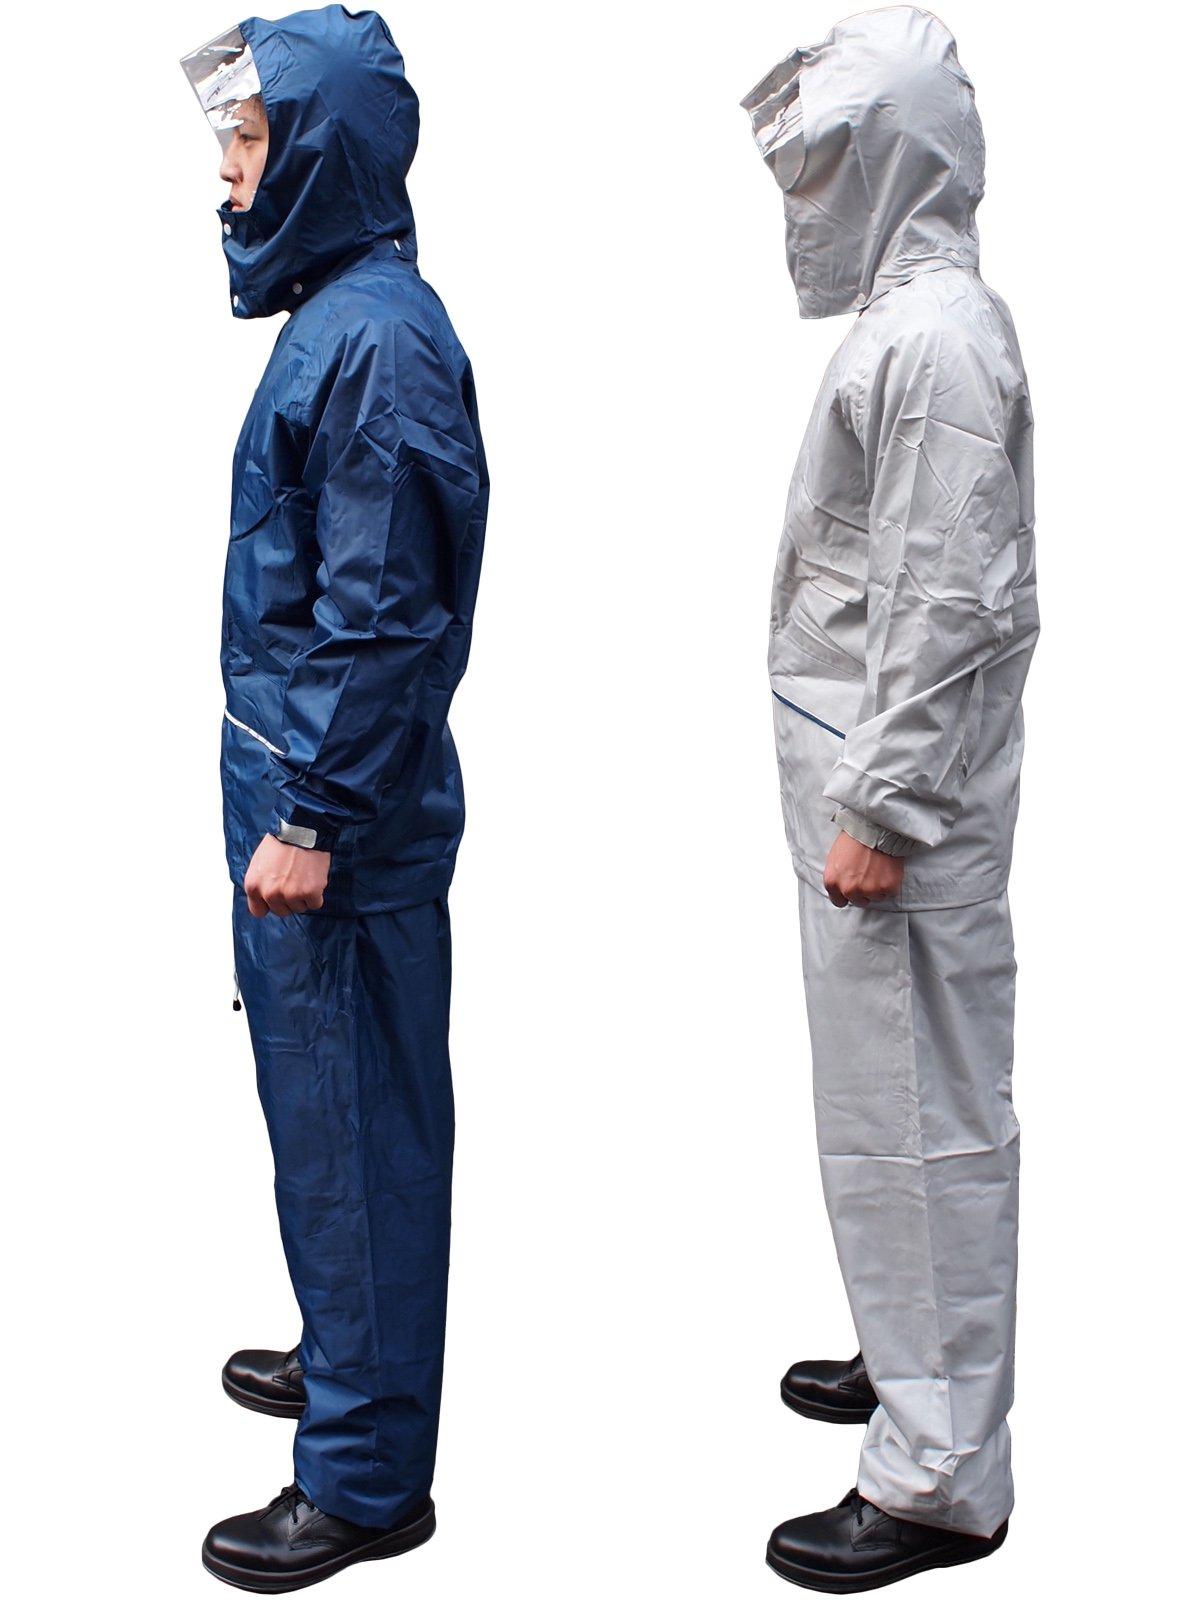 軽量・透湿レインスーツ FINE FIELD(ファインフィールド)No.400(雨衣)【画像7】